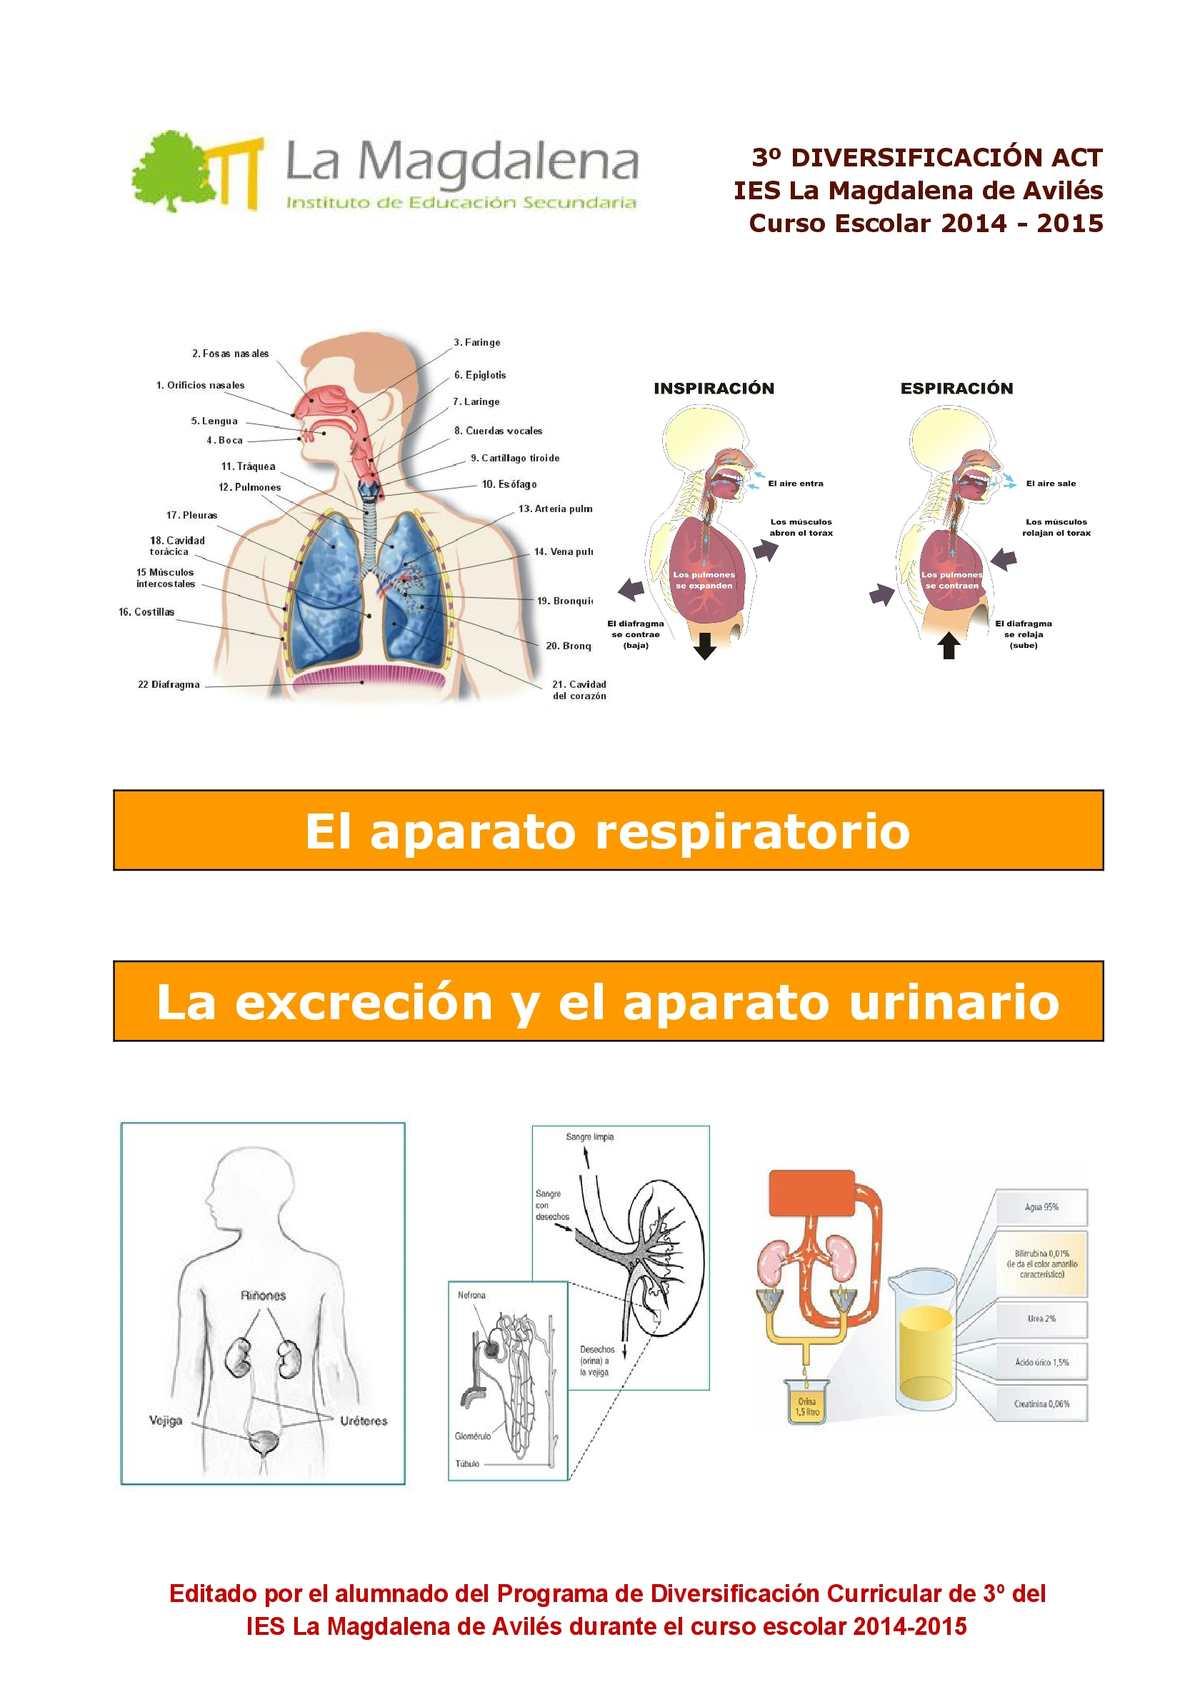 Calaméo - El Aparato Respiratorio, la Excreción y el Aparato Urinario